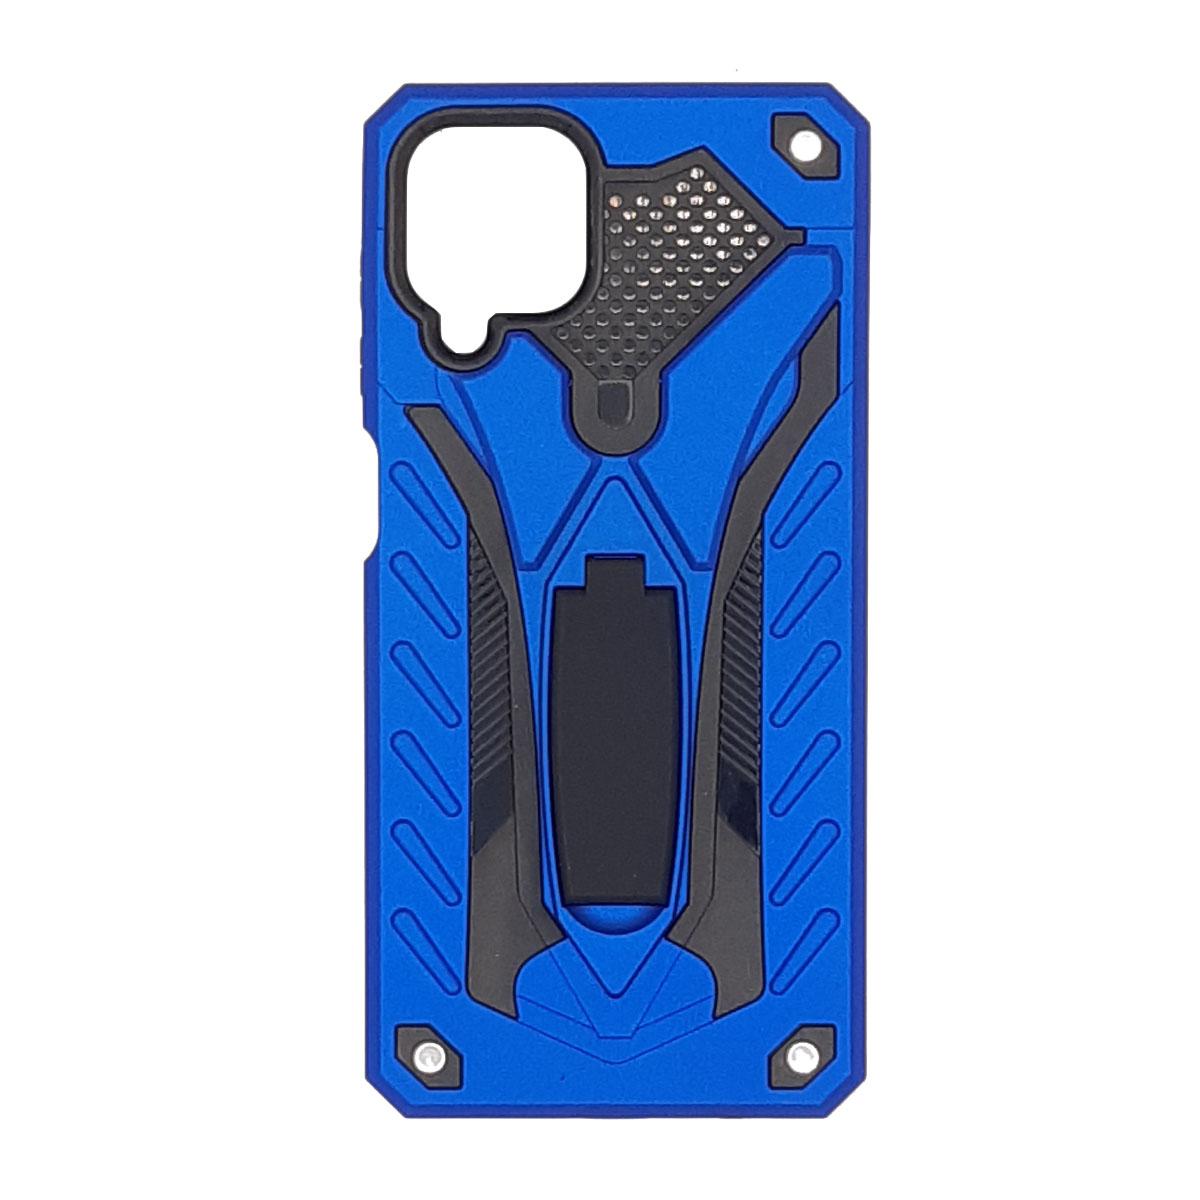 کاور مدل Vangard مناسب برای گوشی موبایل سامسونگ Galaxy A12